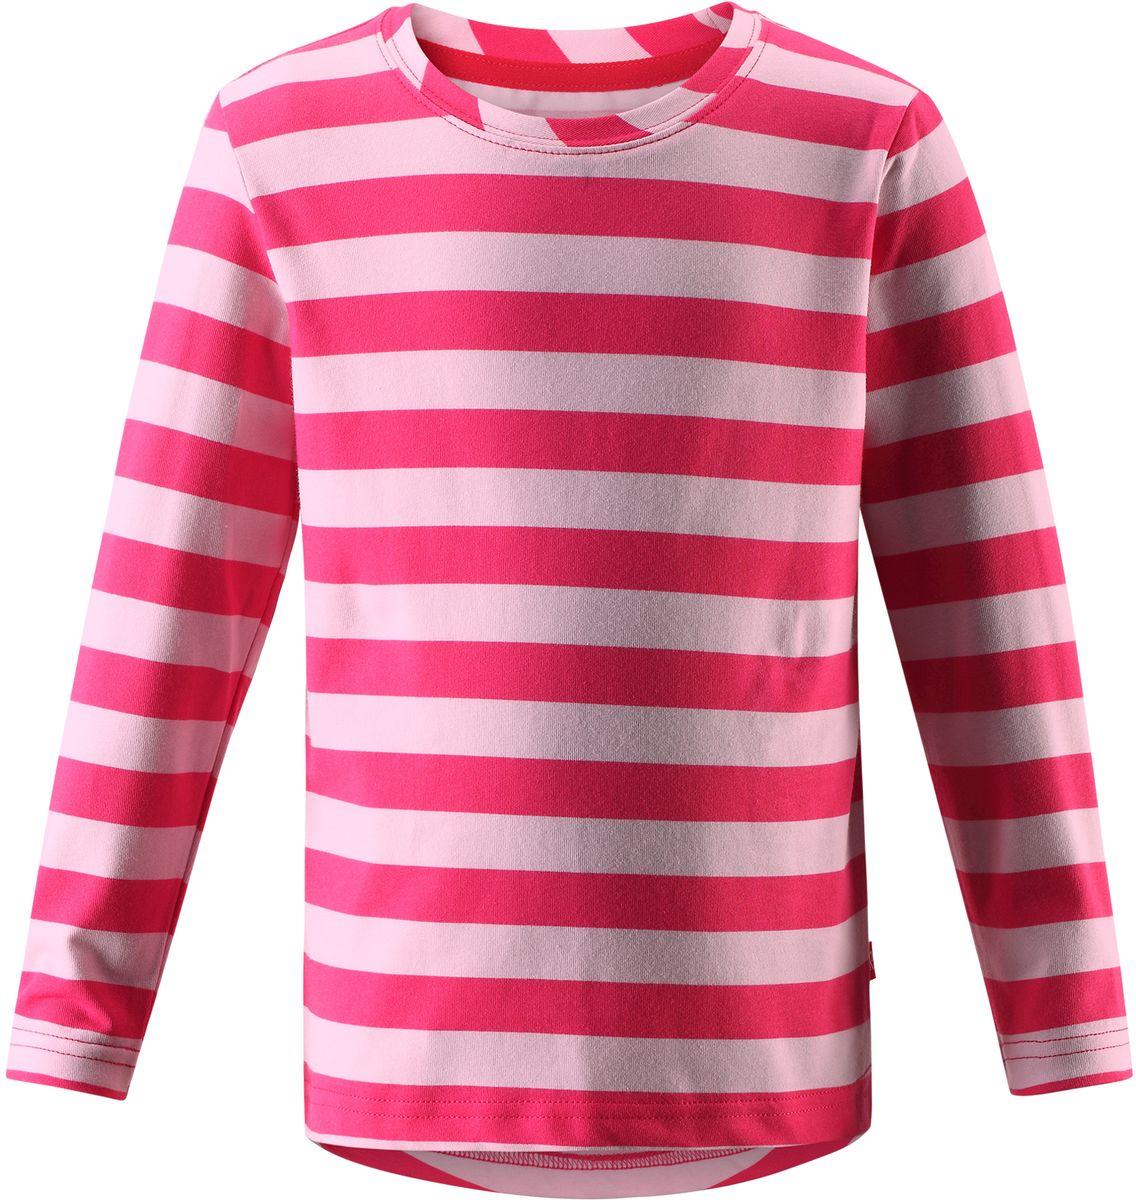 Футболка с длинным рукавом детская Reima Kuper, цвет: розовый. 5262523369. Размер 985262523369Футболка с длинными рукавами для подростков изготовлена из удобного быстросохнущего материала Play Jersey с УФ-защитой 40+. Лицевая поверхность этого особо мягкого хлопчатобумажного материала очень приятна на ощупь, а обратная сторона эффективно отводит влагу. Благодаря эластану ткань тянется, обеспечивает комфорт и не сковывает движений во время подвижных игр.